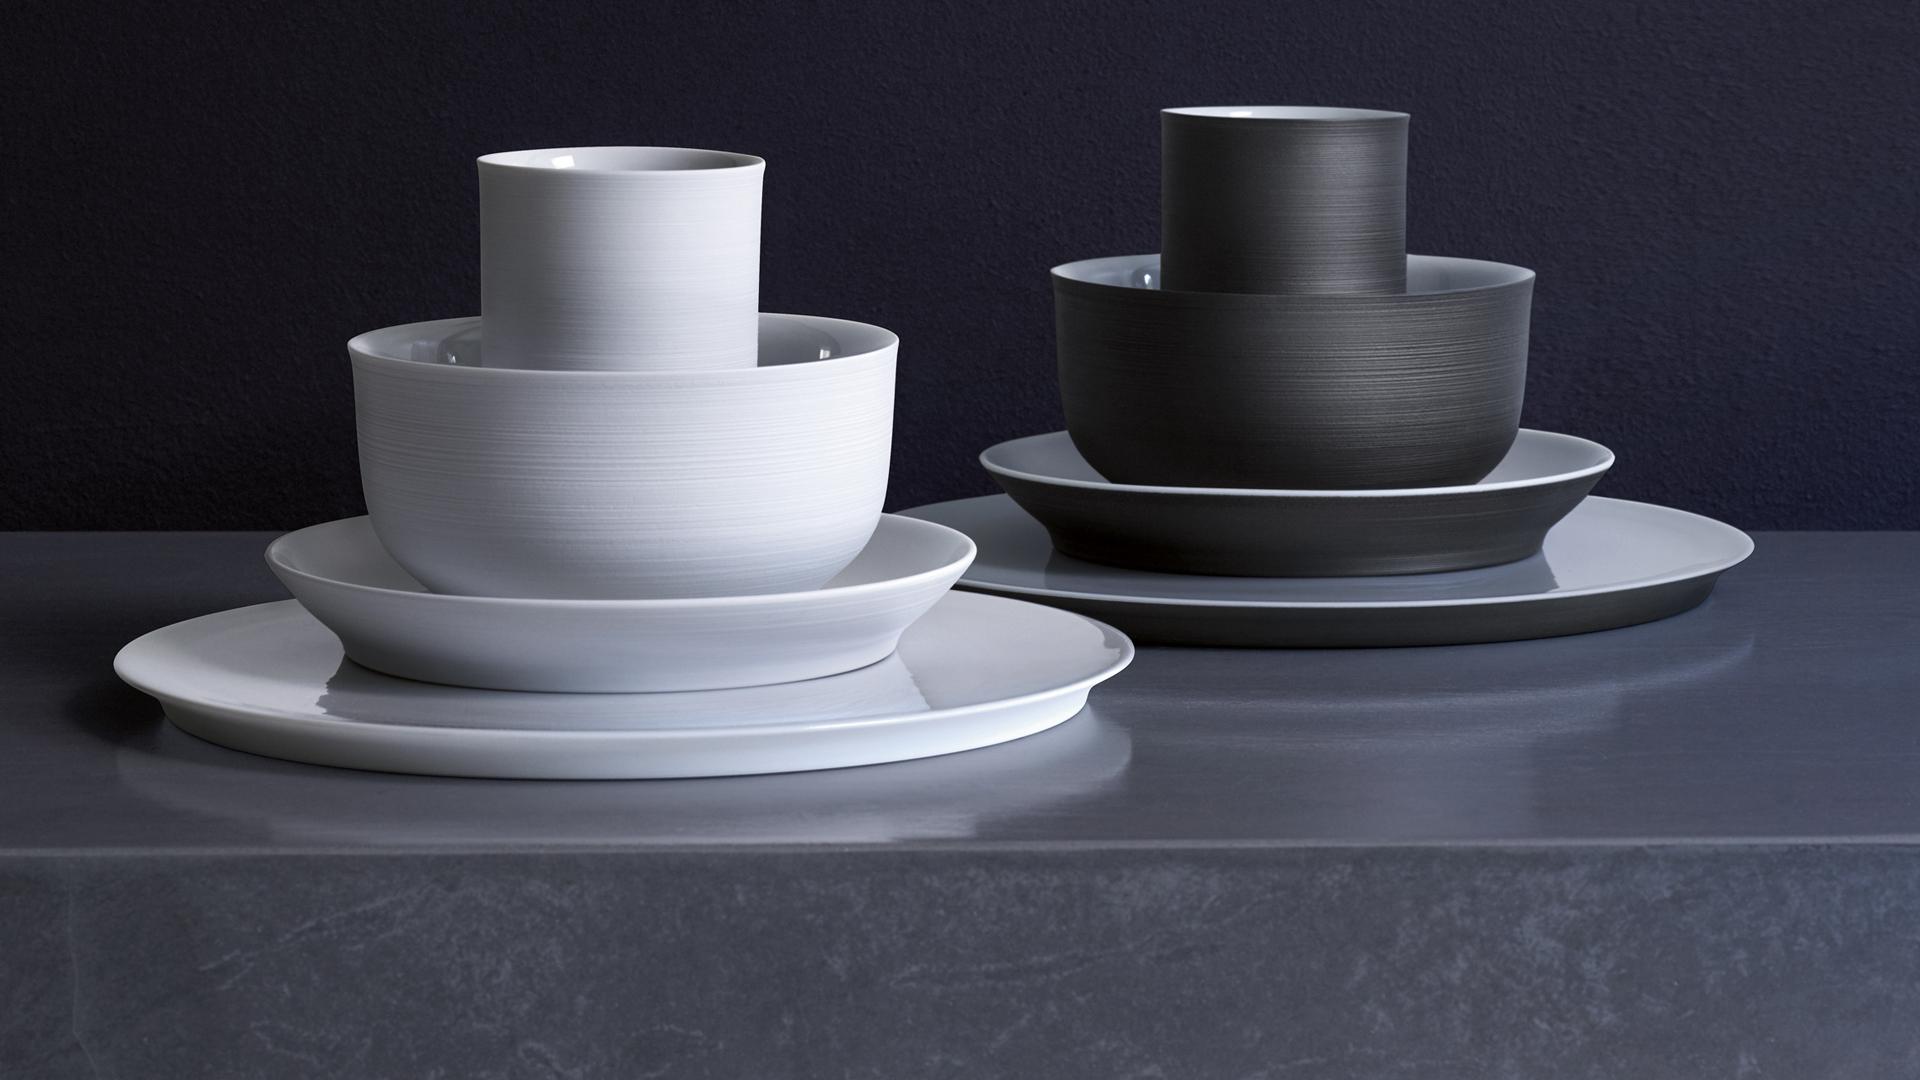 Ein wekißes und ein schwarzes gestapeltes Set aus zwei Tellern, Schale und Becher